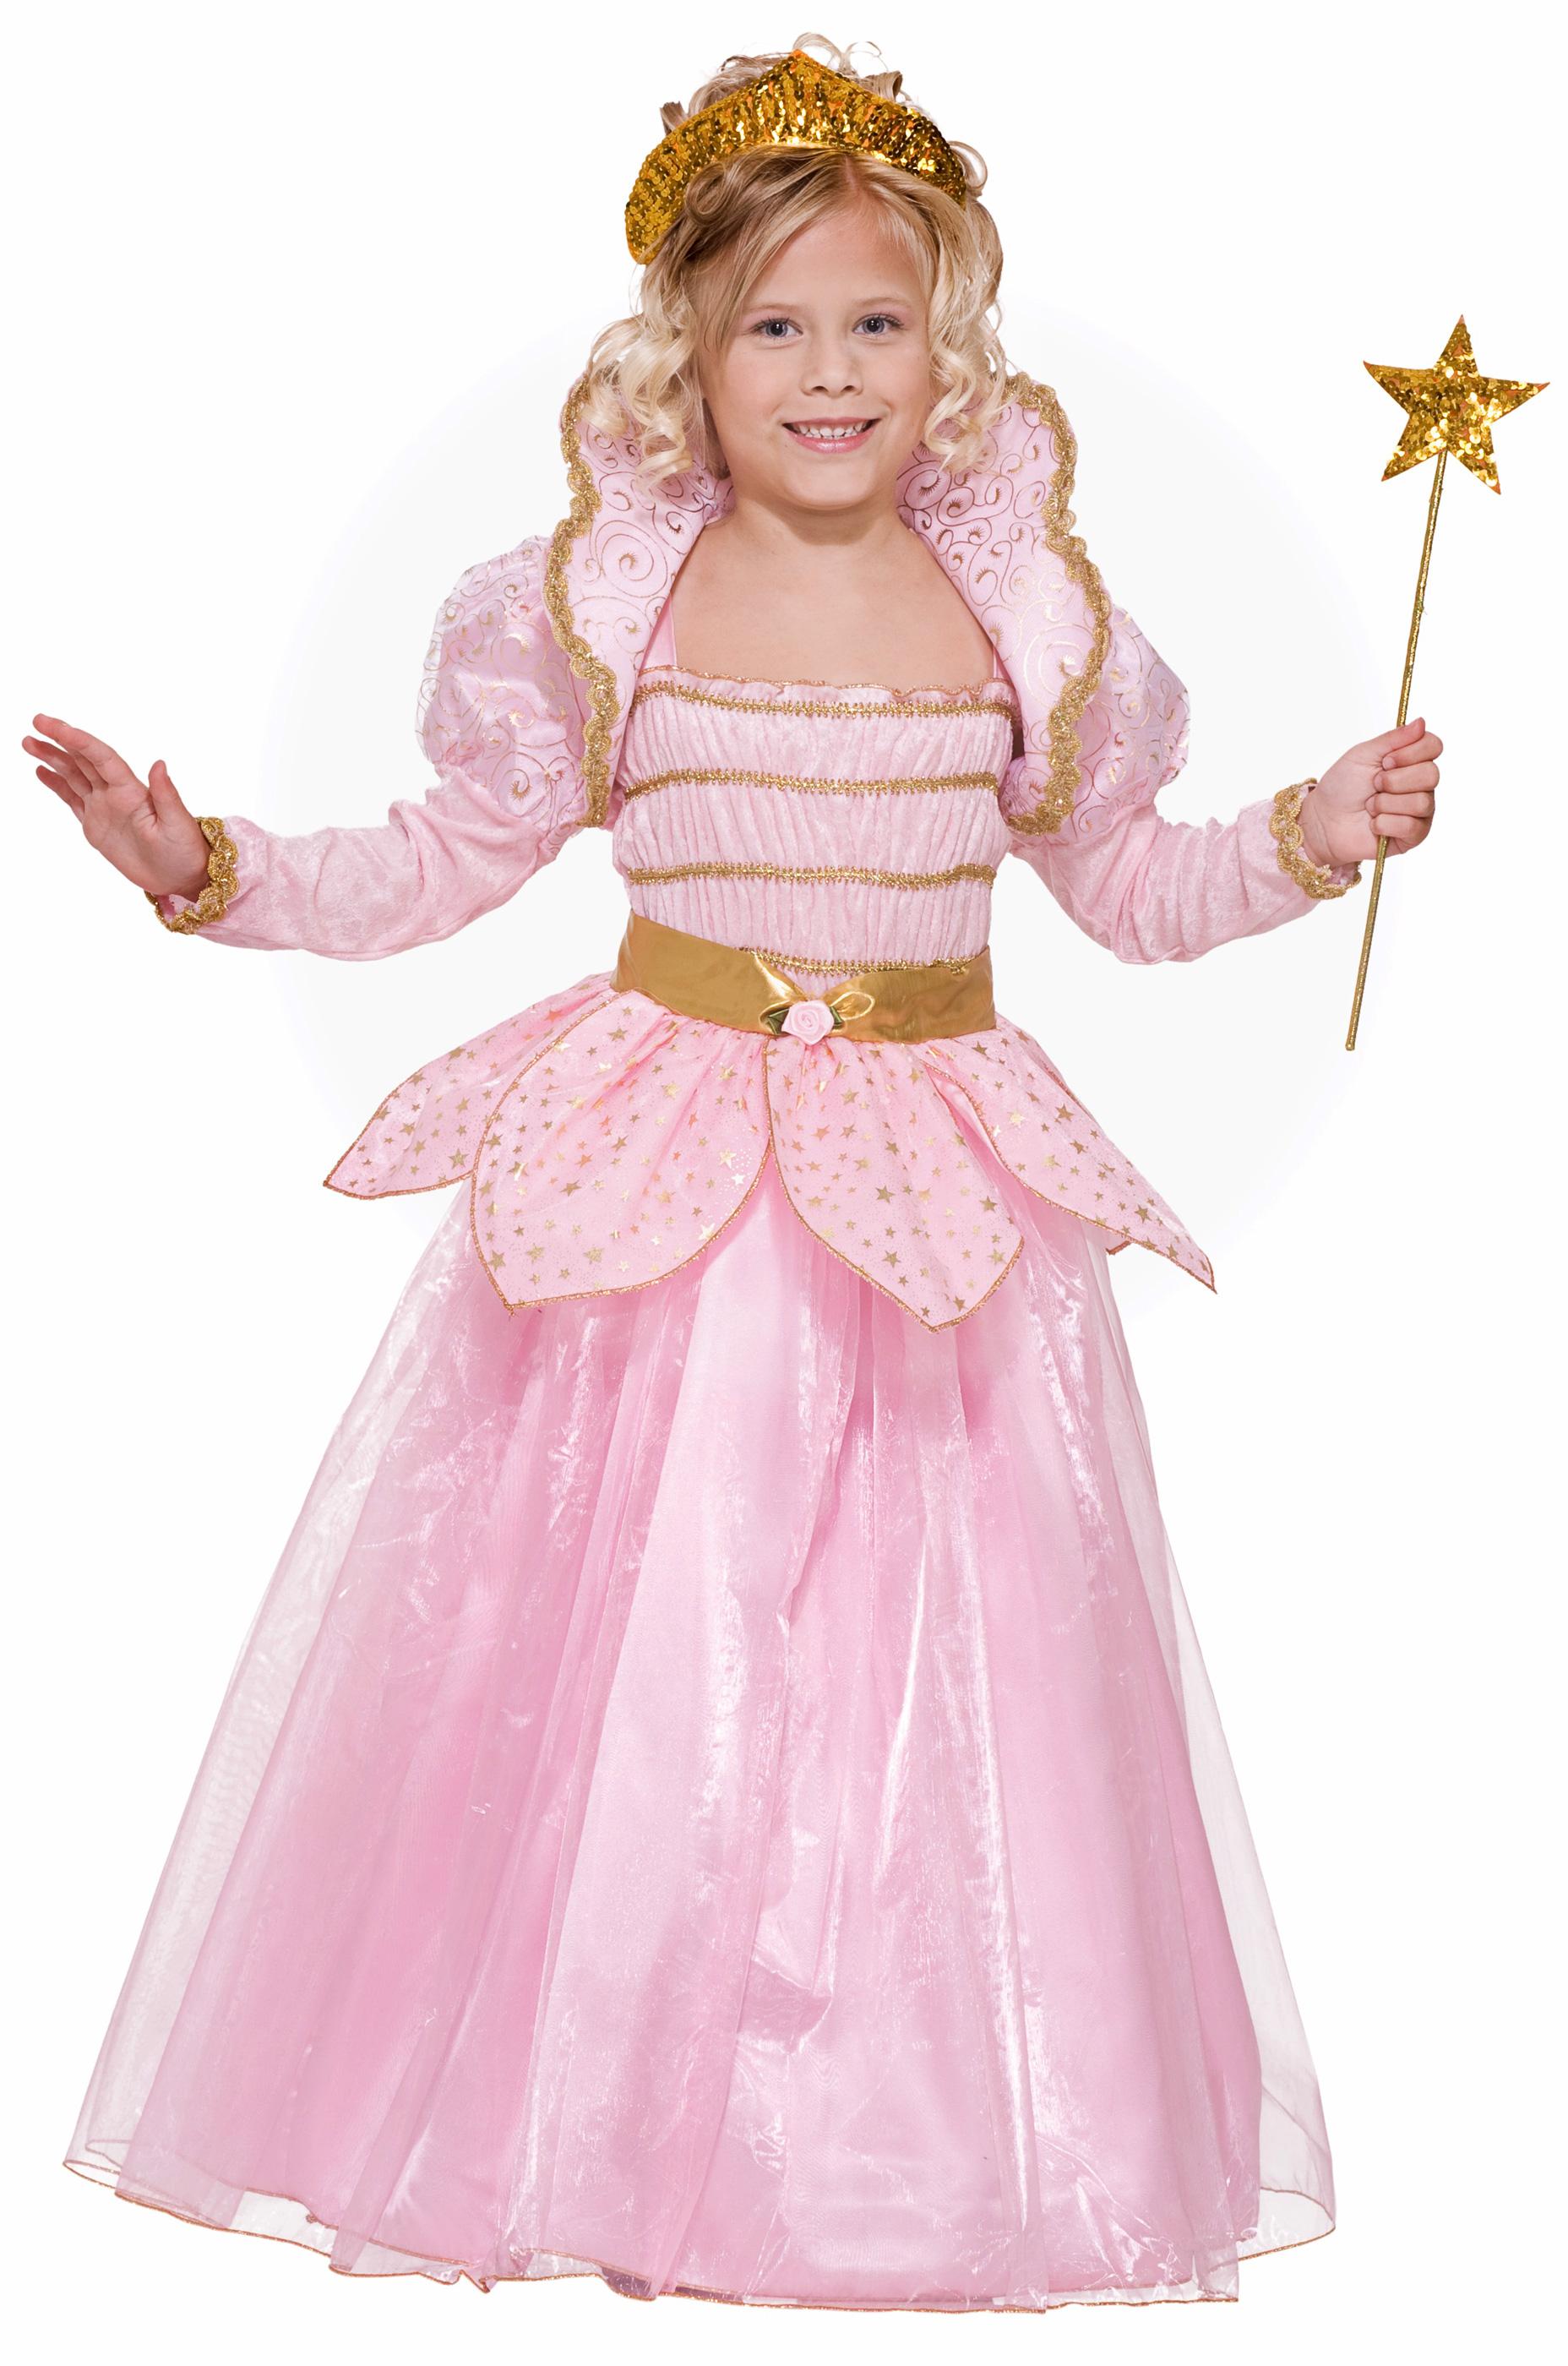 Prince & Princess Costumes | BuyCostumes.com